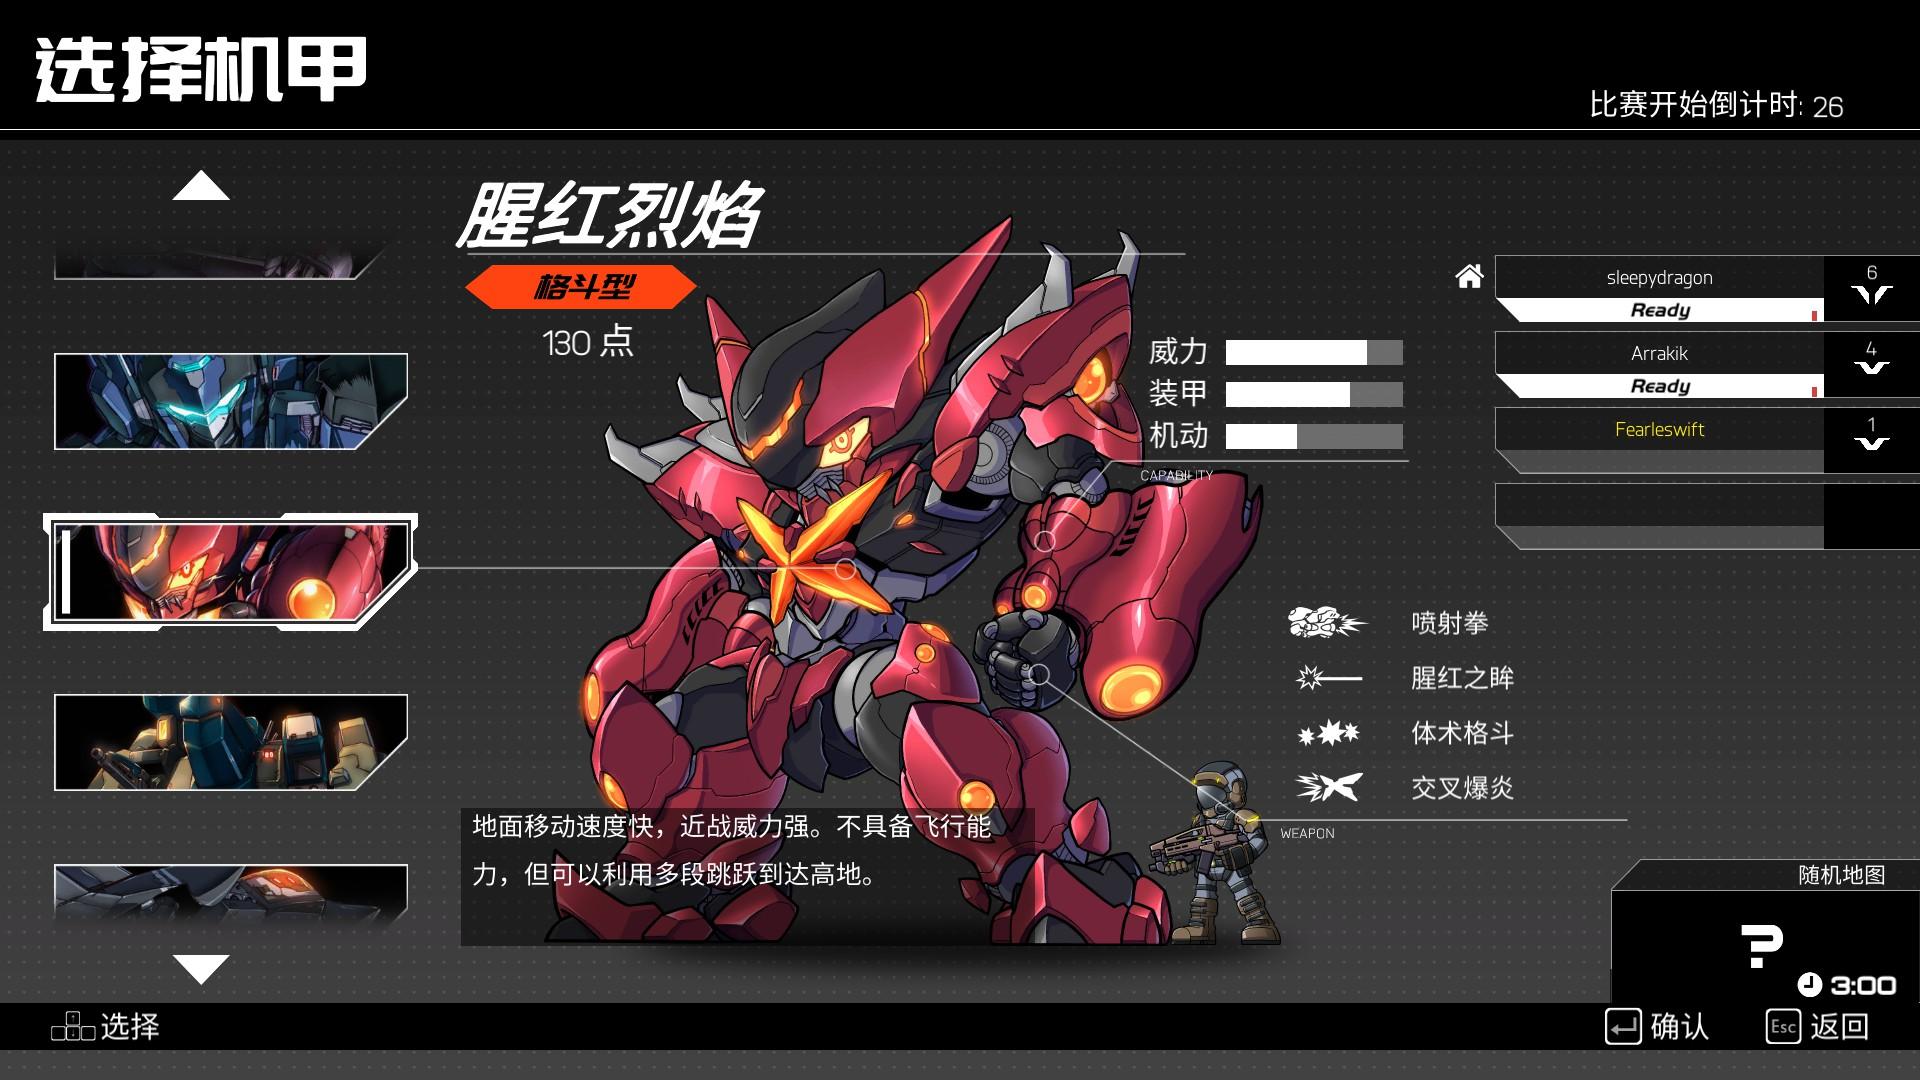 《硬核机甲》评测:属于中国玩家的机甲浪漫